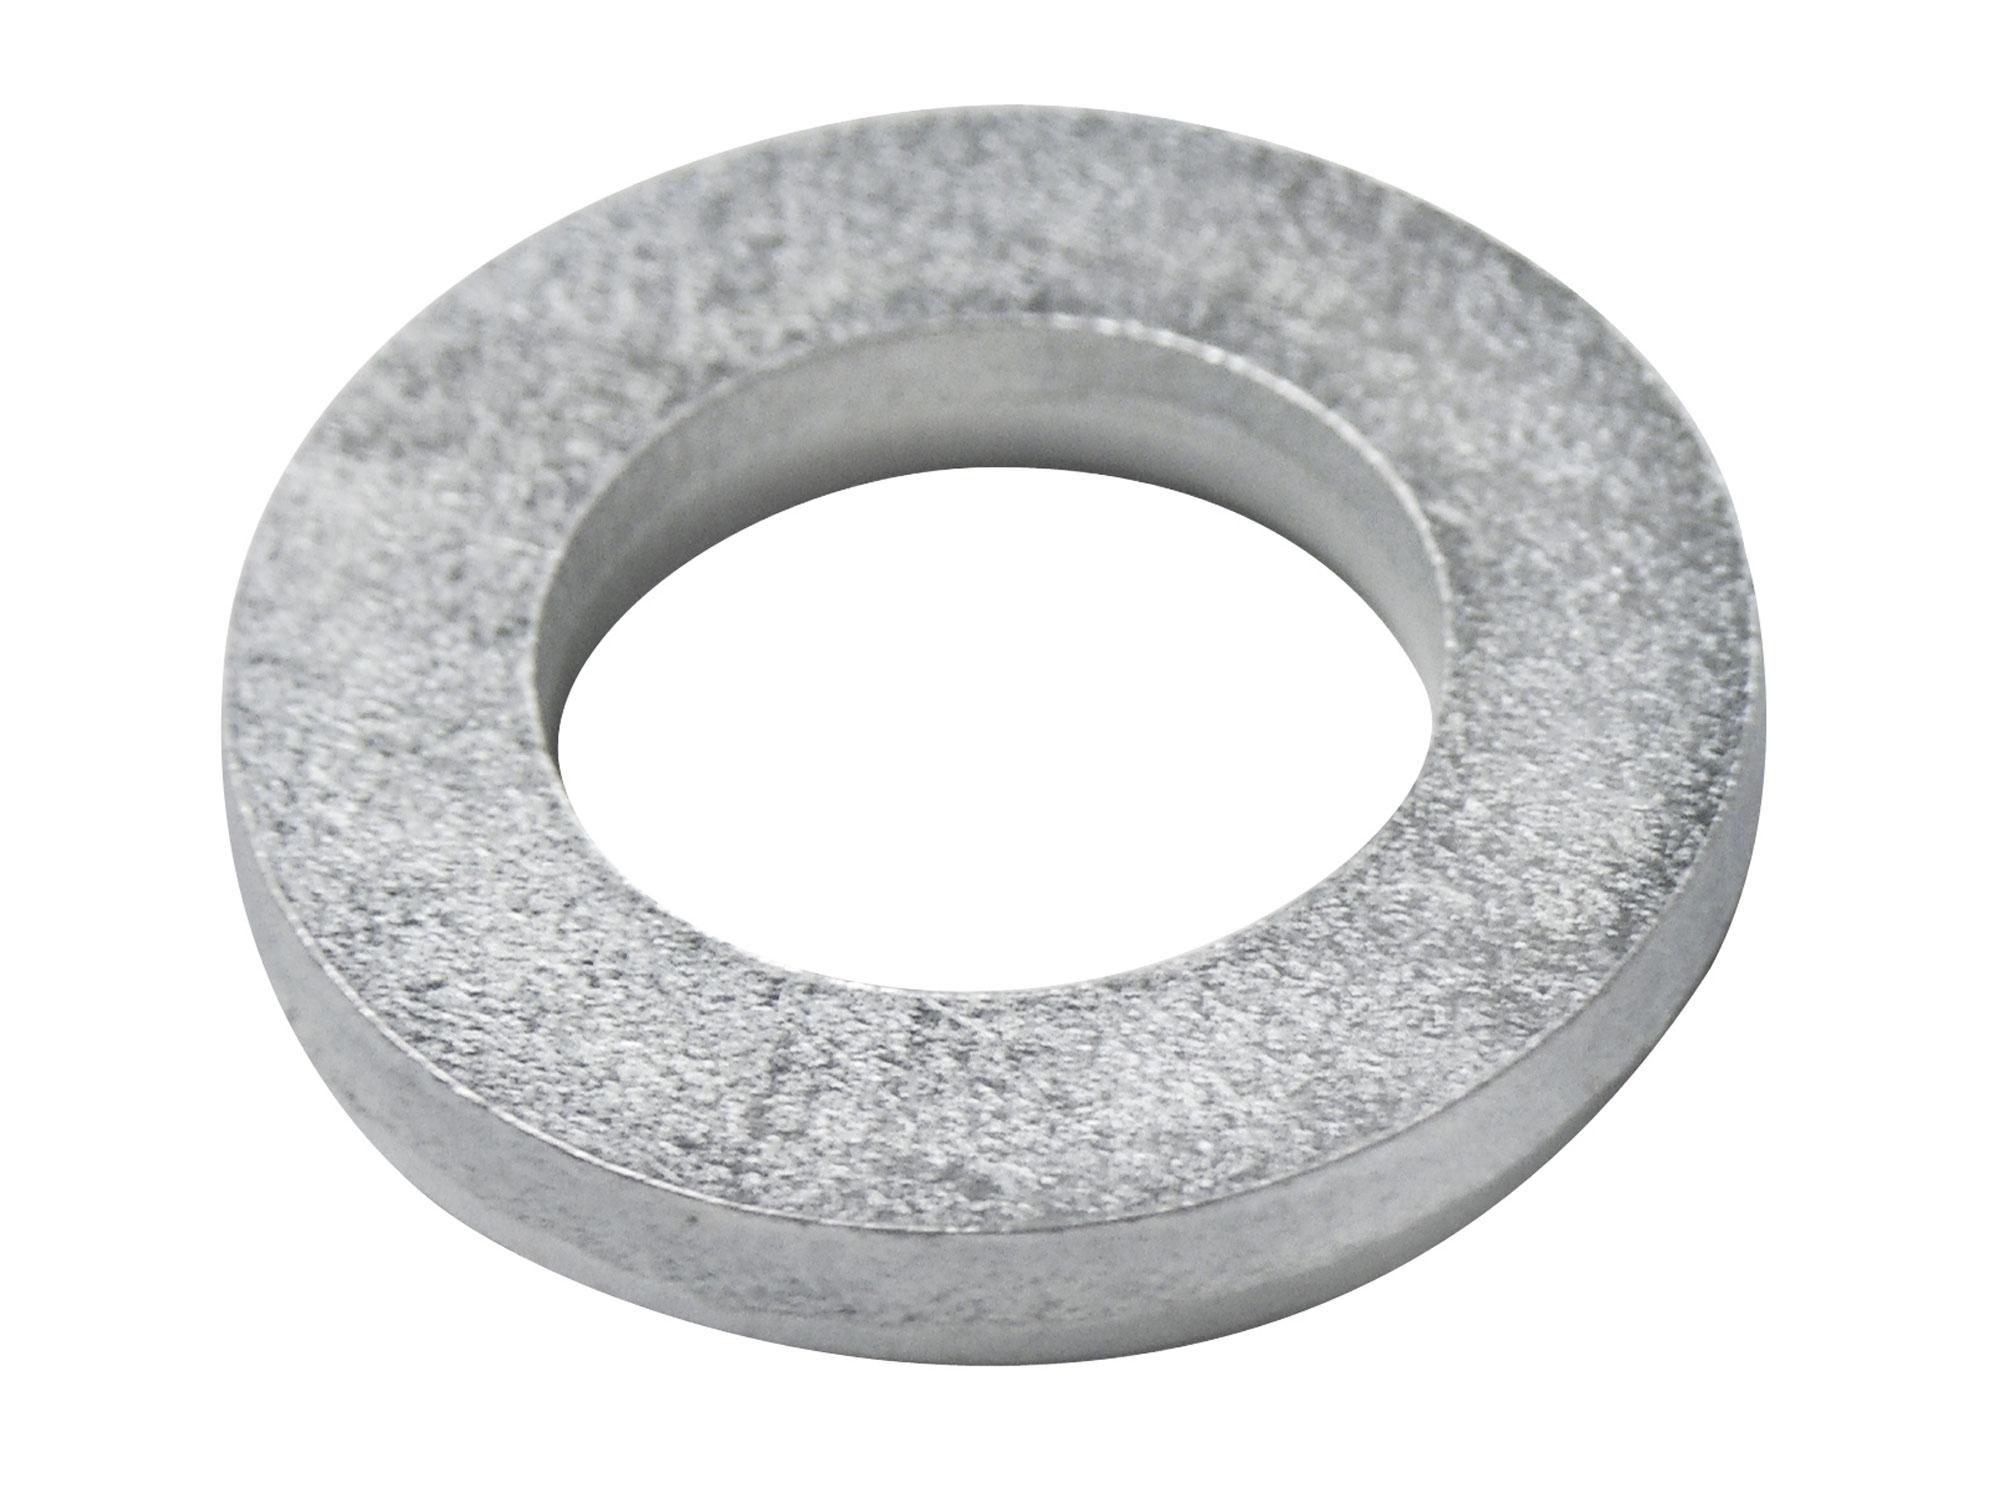 kroužek vkládací, 30x20x2,2mm, 2,2mm, EXTOL PREMIUM 8803292